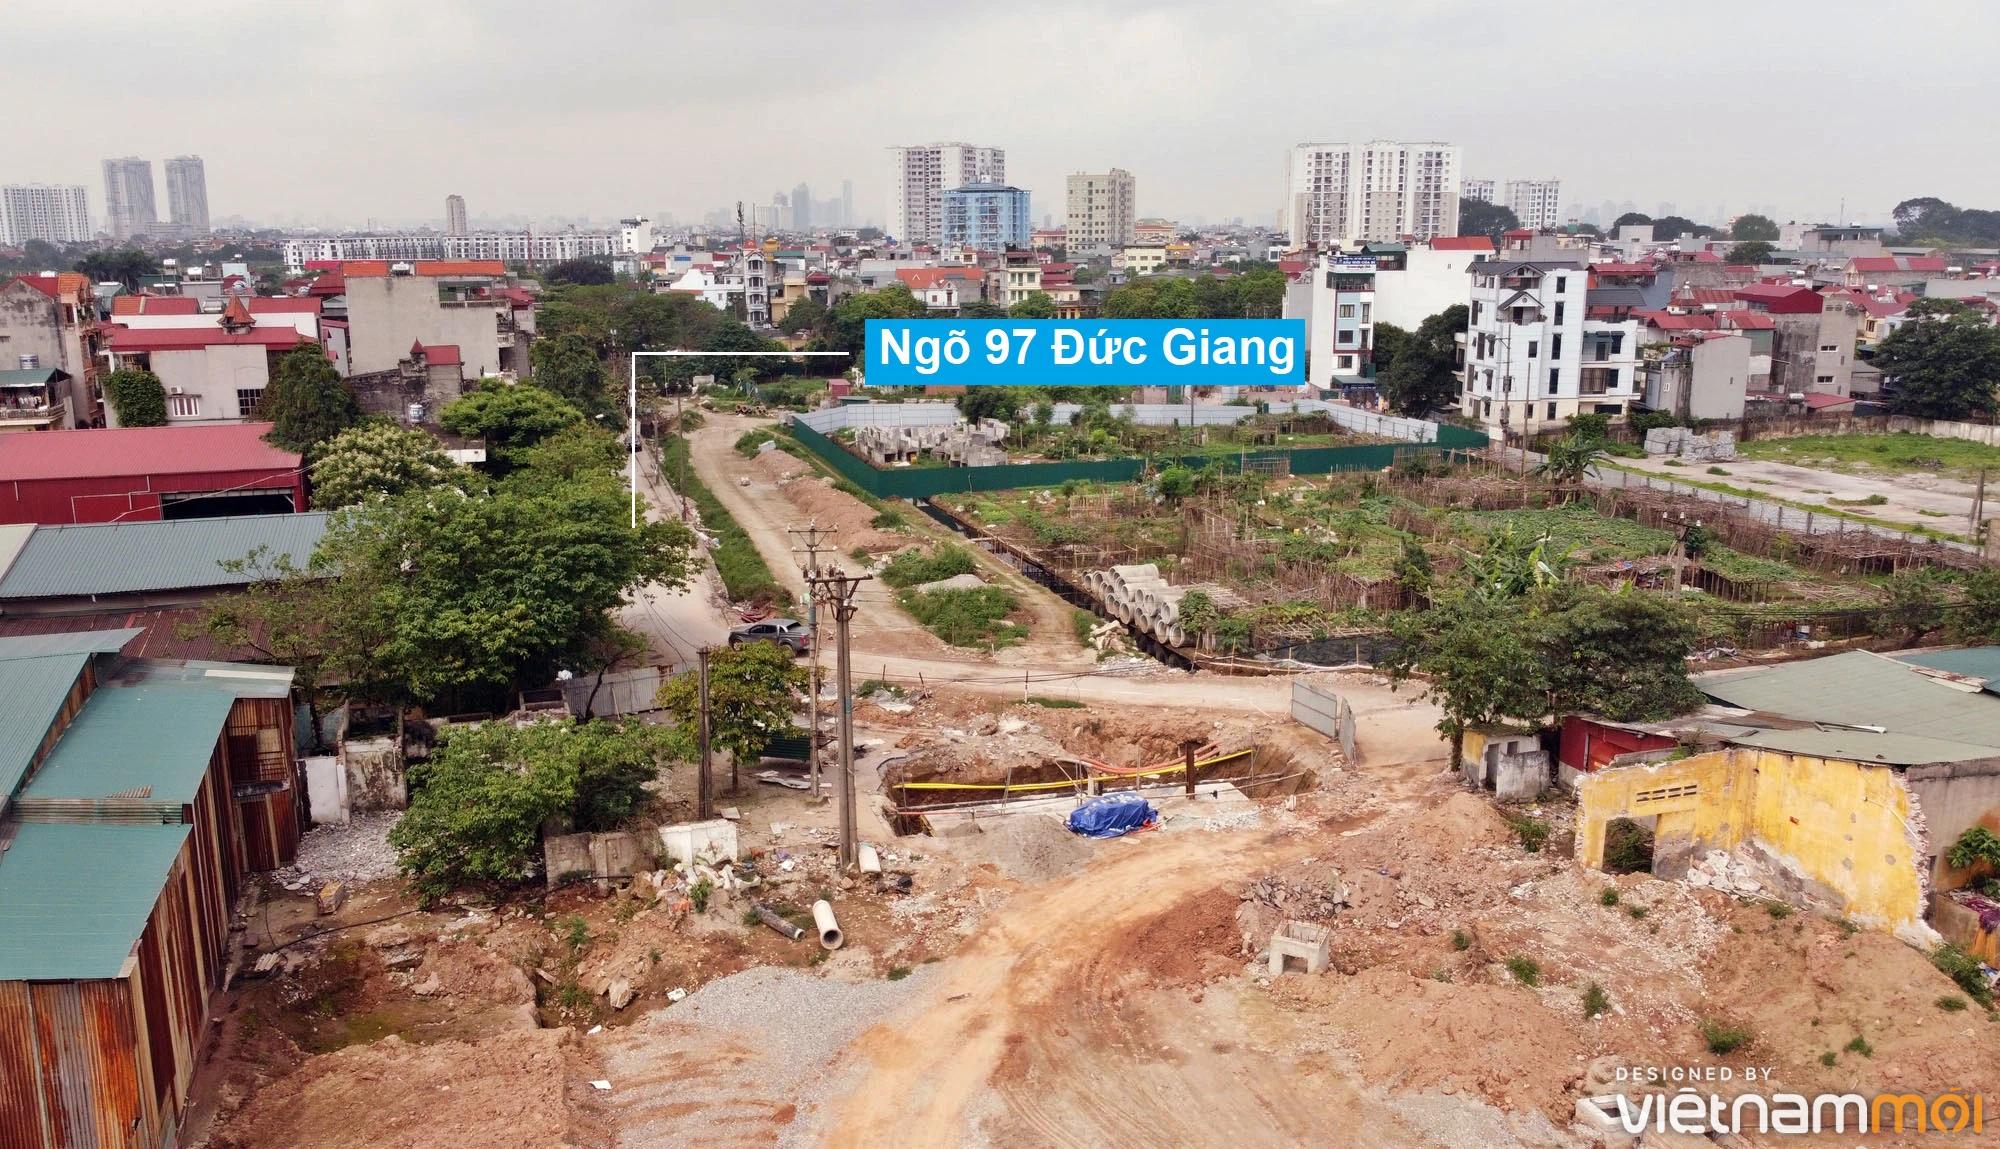 Toàn cảnh đường từ đê Ngọc Thụy đến KĐTM Thượng Thanh đang mở theo quy hoạch ở Hà Nội - Ảnh 12.